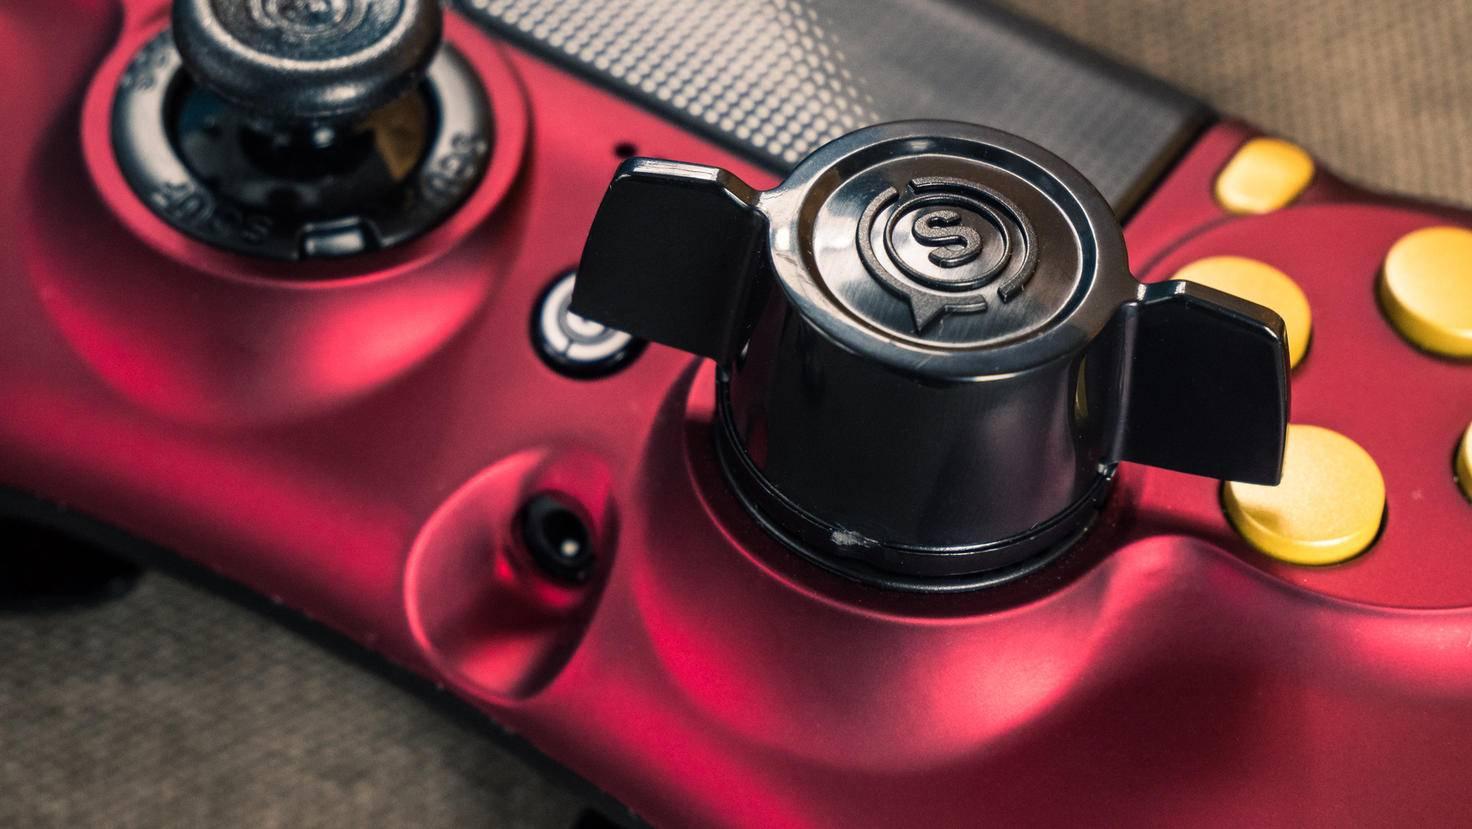 Viele Elemente des Controllers sind individuell anpassbar – darunter die Analog-Sticks.